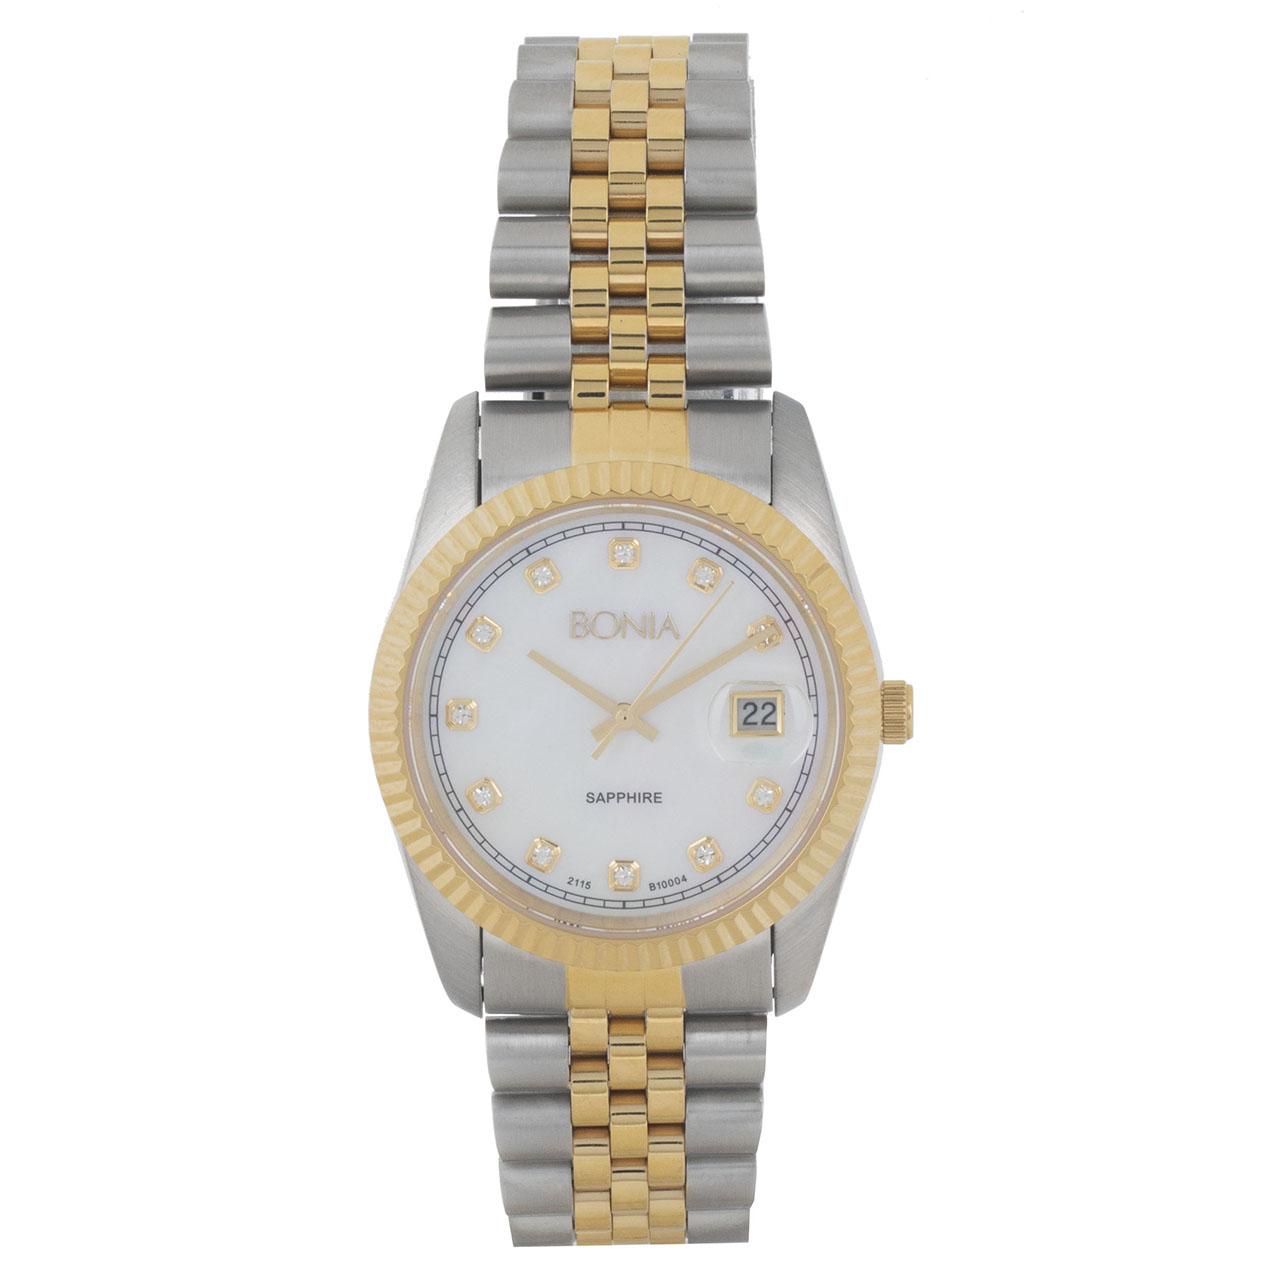 ساعت  زنانه بونیا مدل BNB10004-1157S